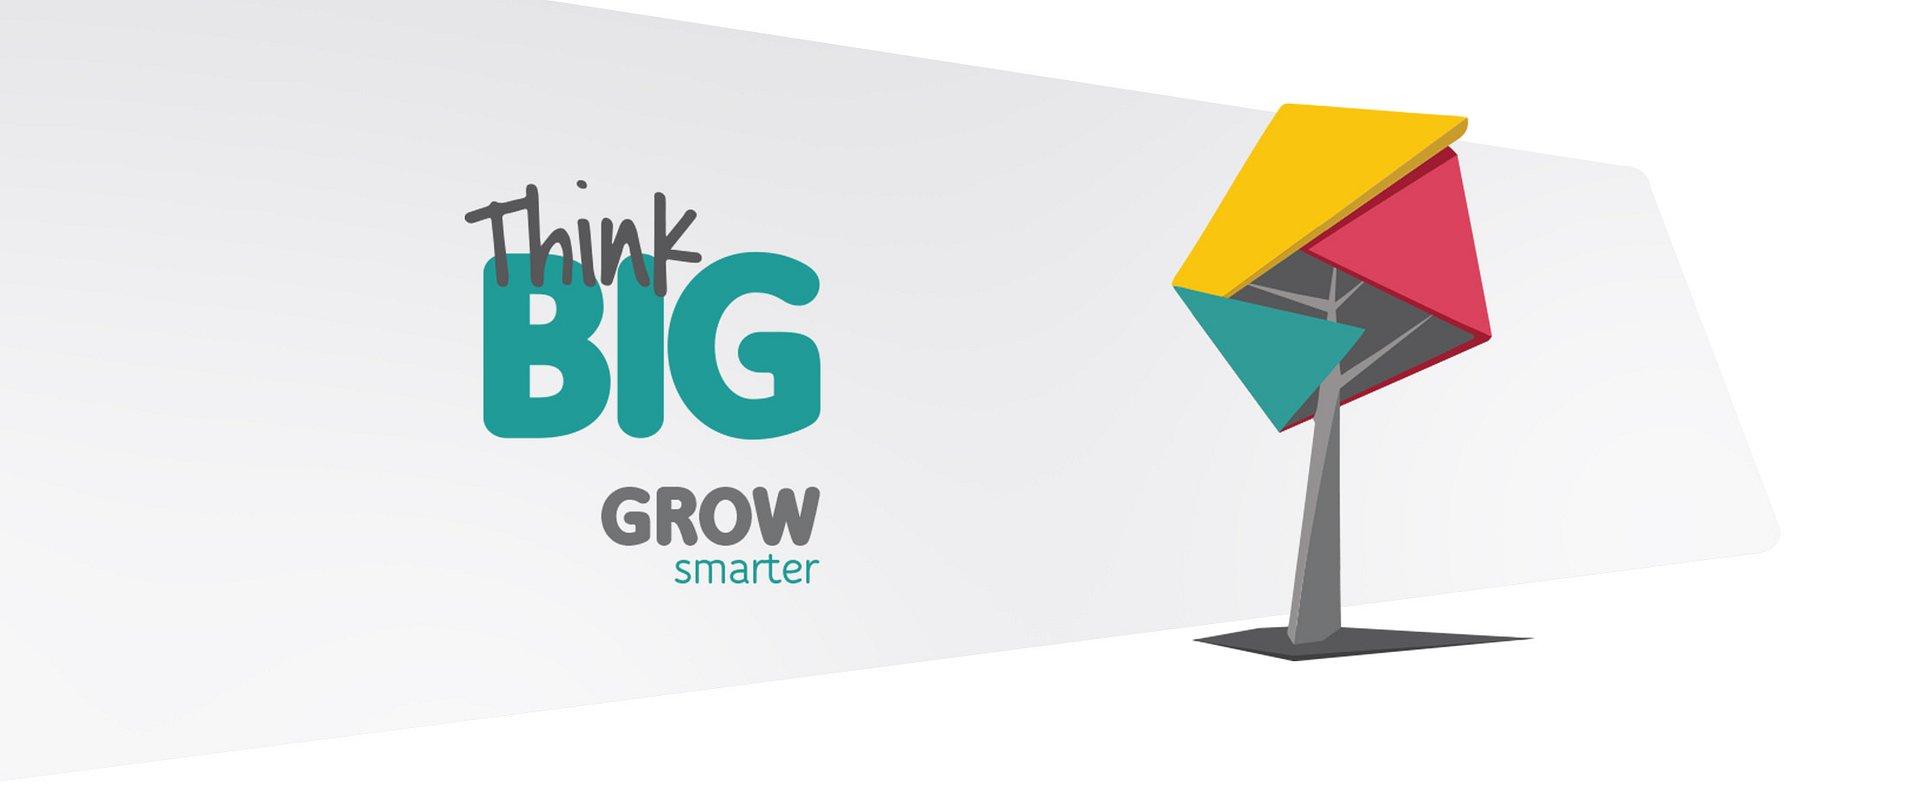 UPC Polska wraz z jurorami i partnerami przedstawia finalistów programu THINK BIG: Grow Smarter!